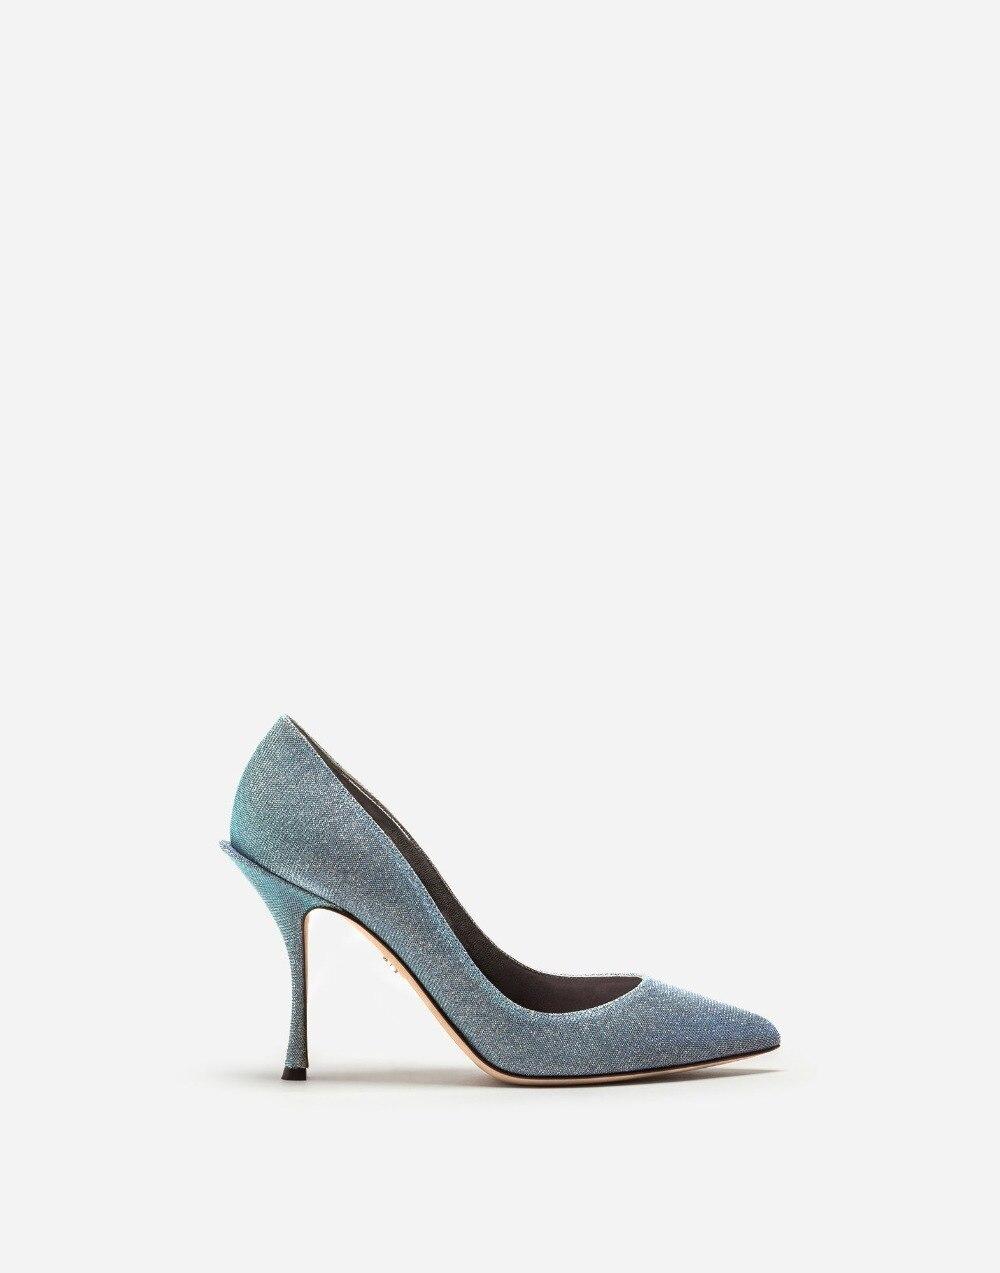 Femmes Pointu À Bleu Gris Taille Élégant Haut Bout Hauts Femme Talon Lumineux Pour Chaussures Grande Bureau Talons vN08mwn